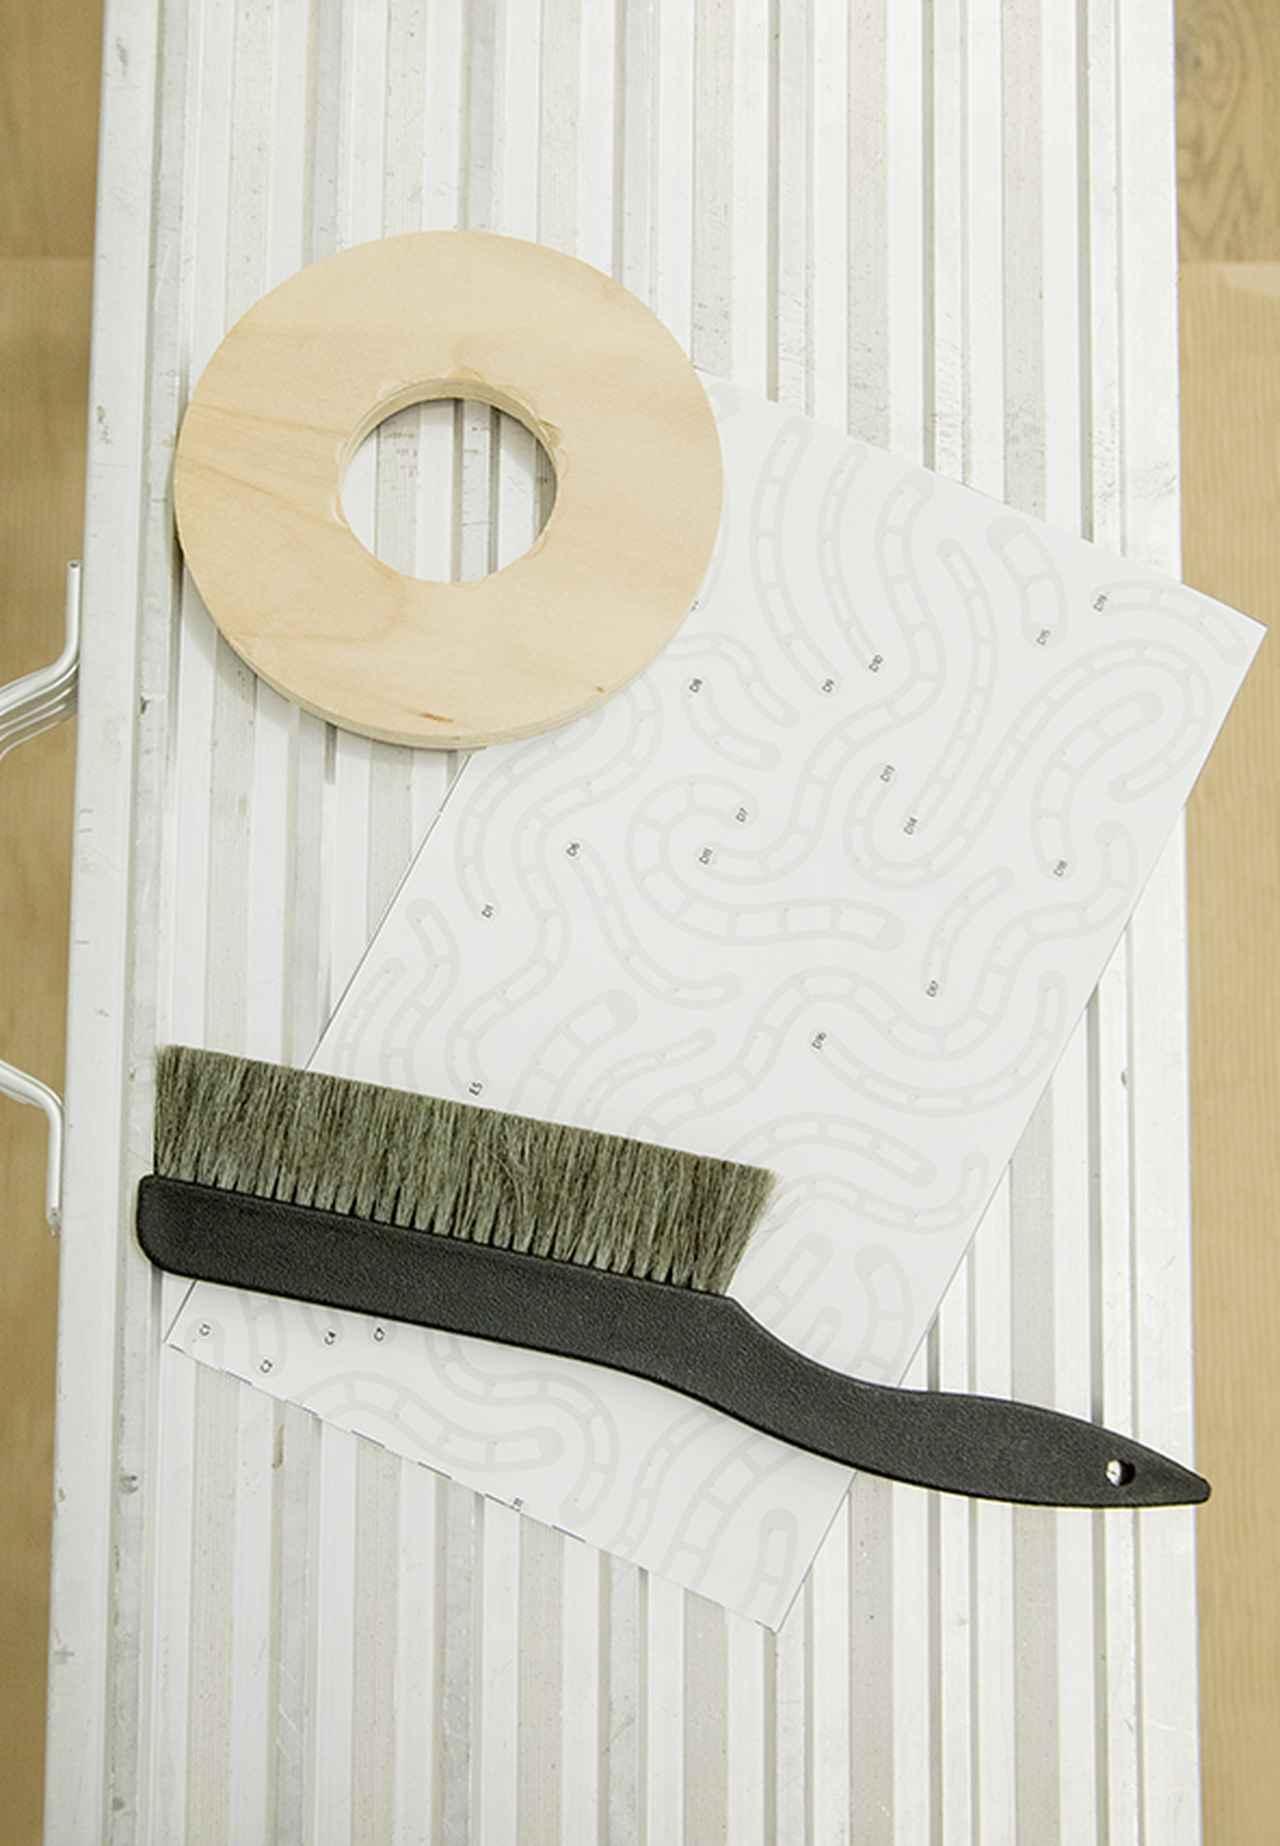 Images : 6番目の画像 - 「色彩とかたちをあやつる ジョシュ・スパーリングの 新しい抽象芸術」のアルバム - T JAPAN:The New York Times Style Magazine 公式サイト